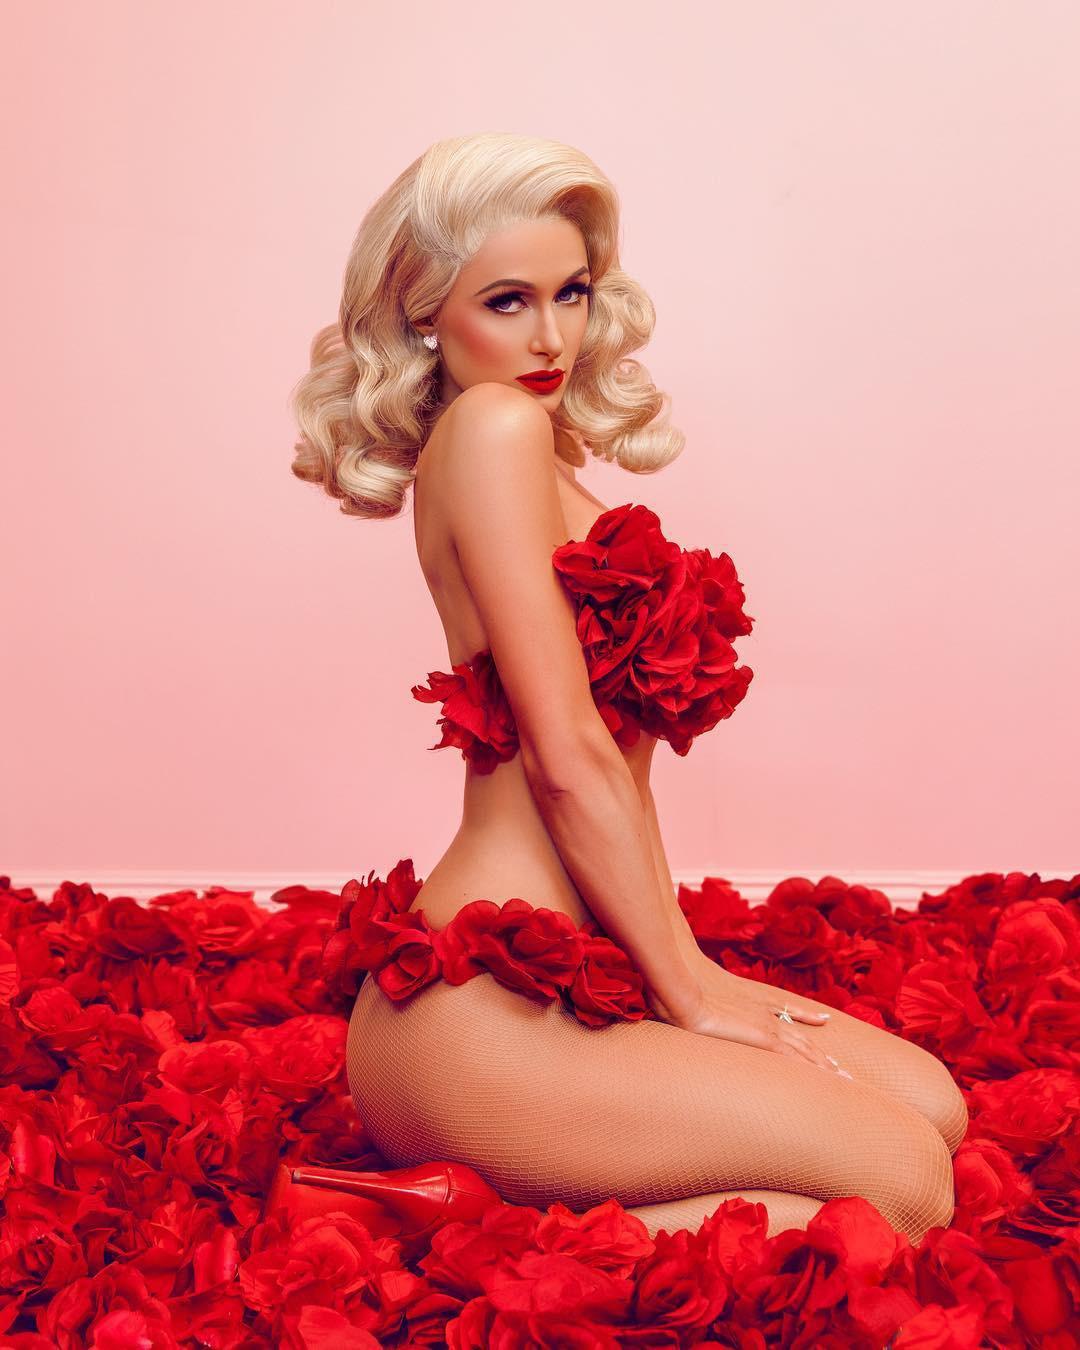 Paris Hilton tái xuất giang hồ với clip gợi cảm và ca khúc Valentine siêu ngọt ngào - Ảnh 4.